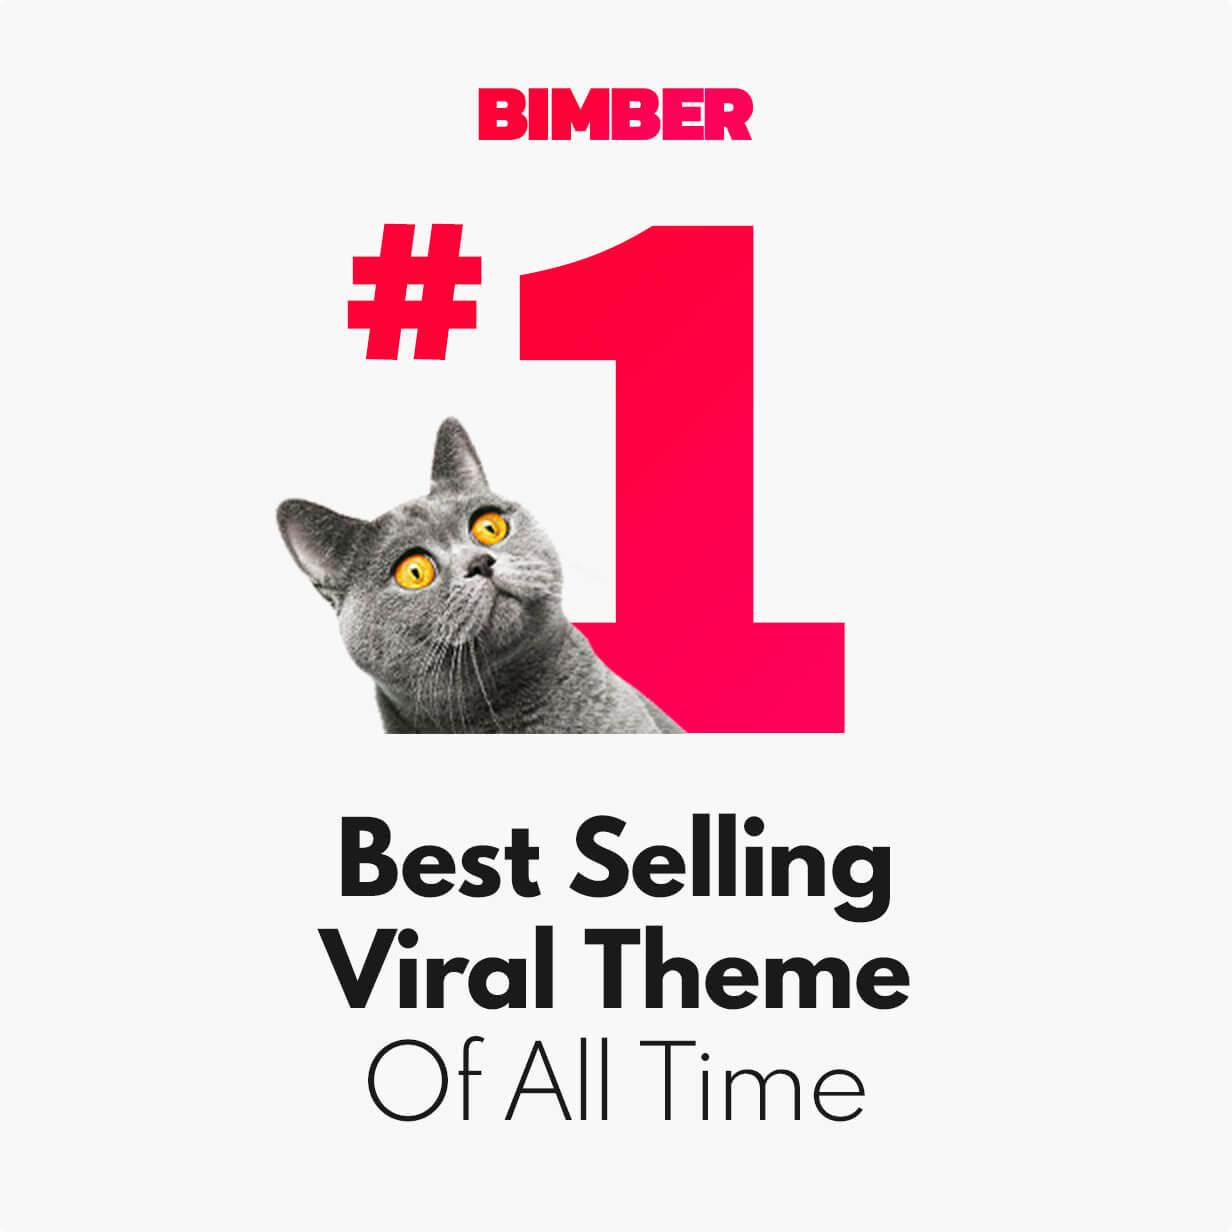 n1 viral theme@2x - Bimber - Viral Magazine WordPress Theme